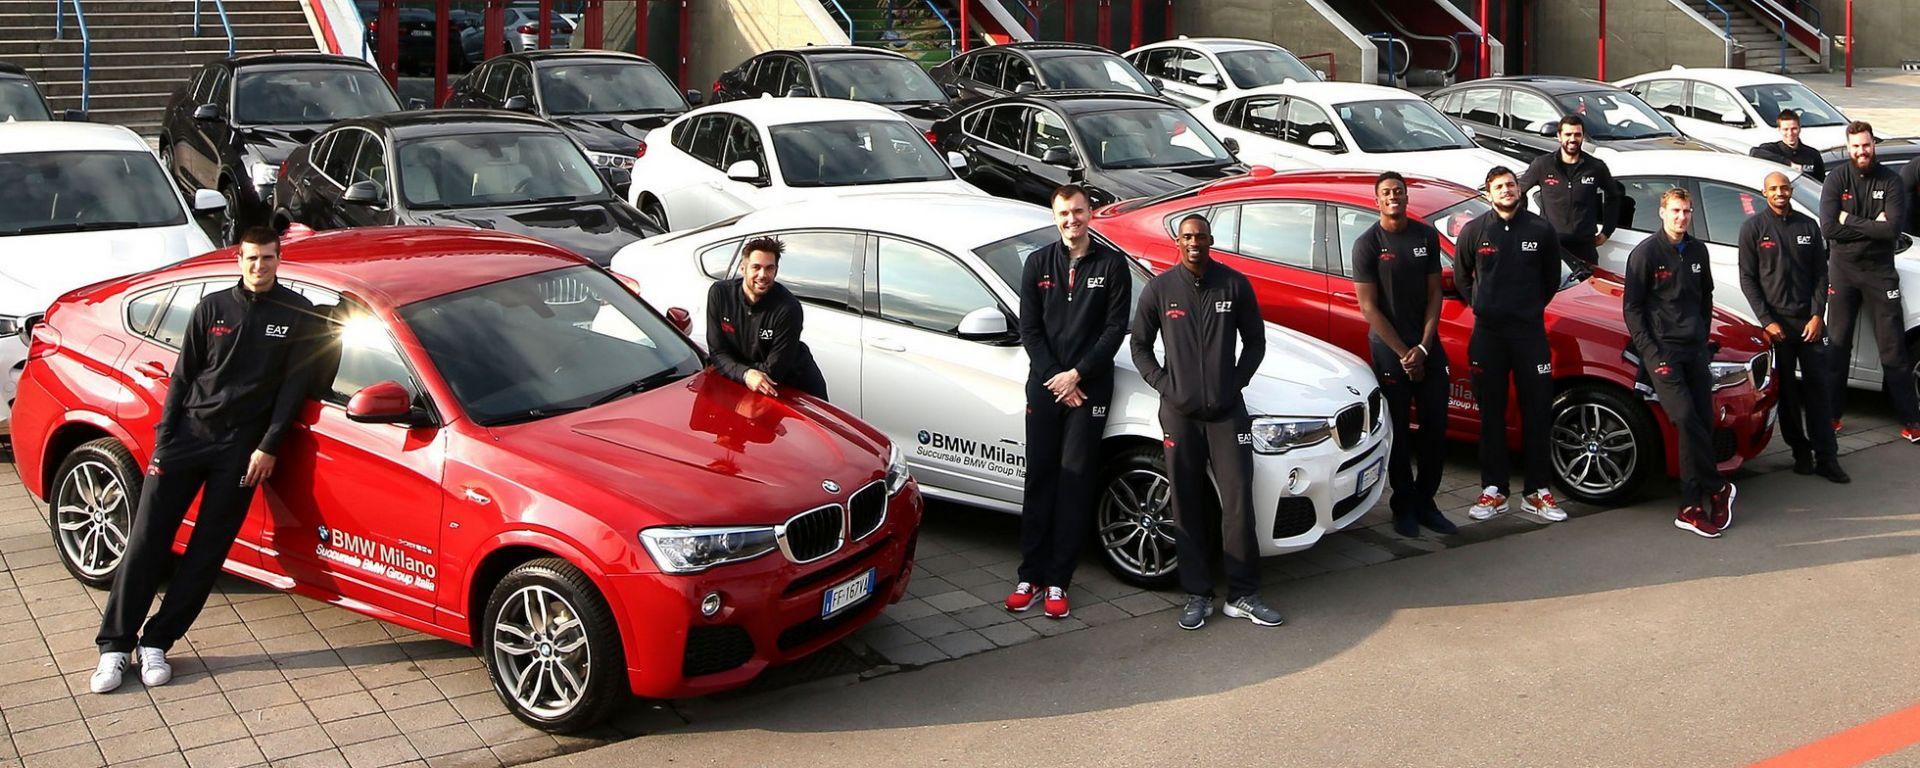 EA7 Olimpia Milano: la squadra mette il turbo con Bmw